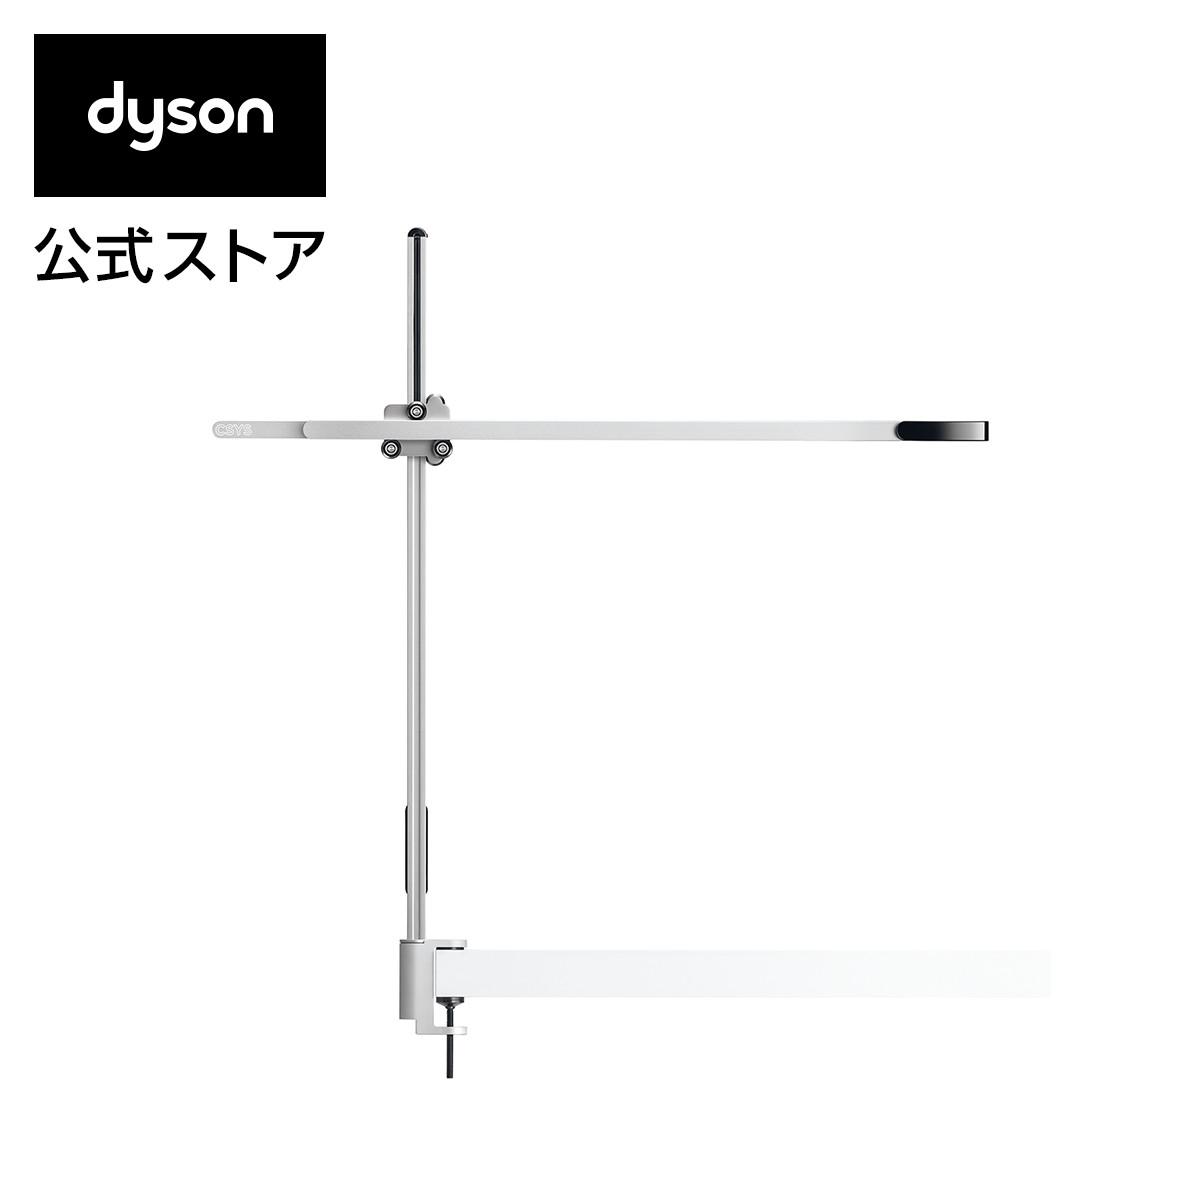 ダイソン Dyson CSYS Clamp LED照明器具 取付型 ライト CSYS CLAMP BK SV ブラック/シルバー【訳あり品・新品未使用/メーカー2年保証】